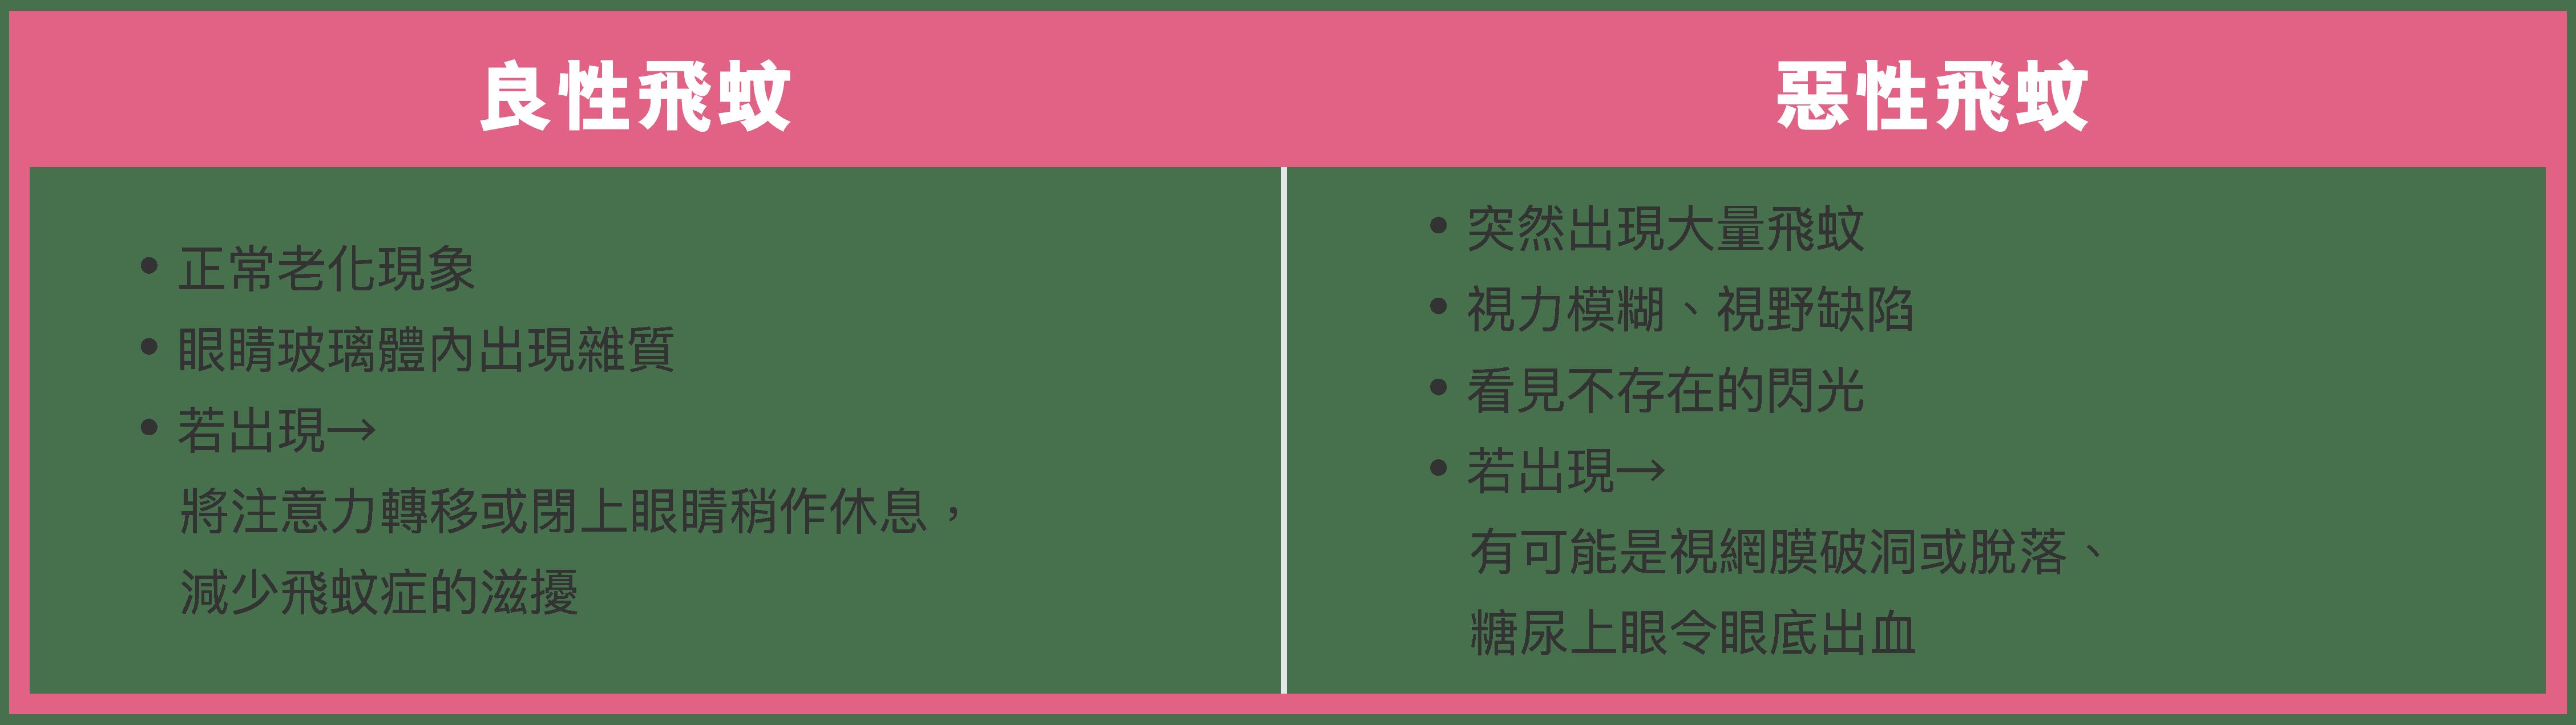 services_P7-02